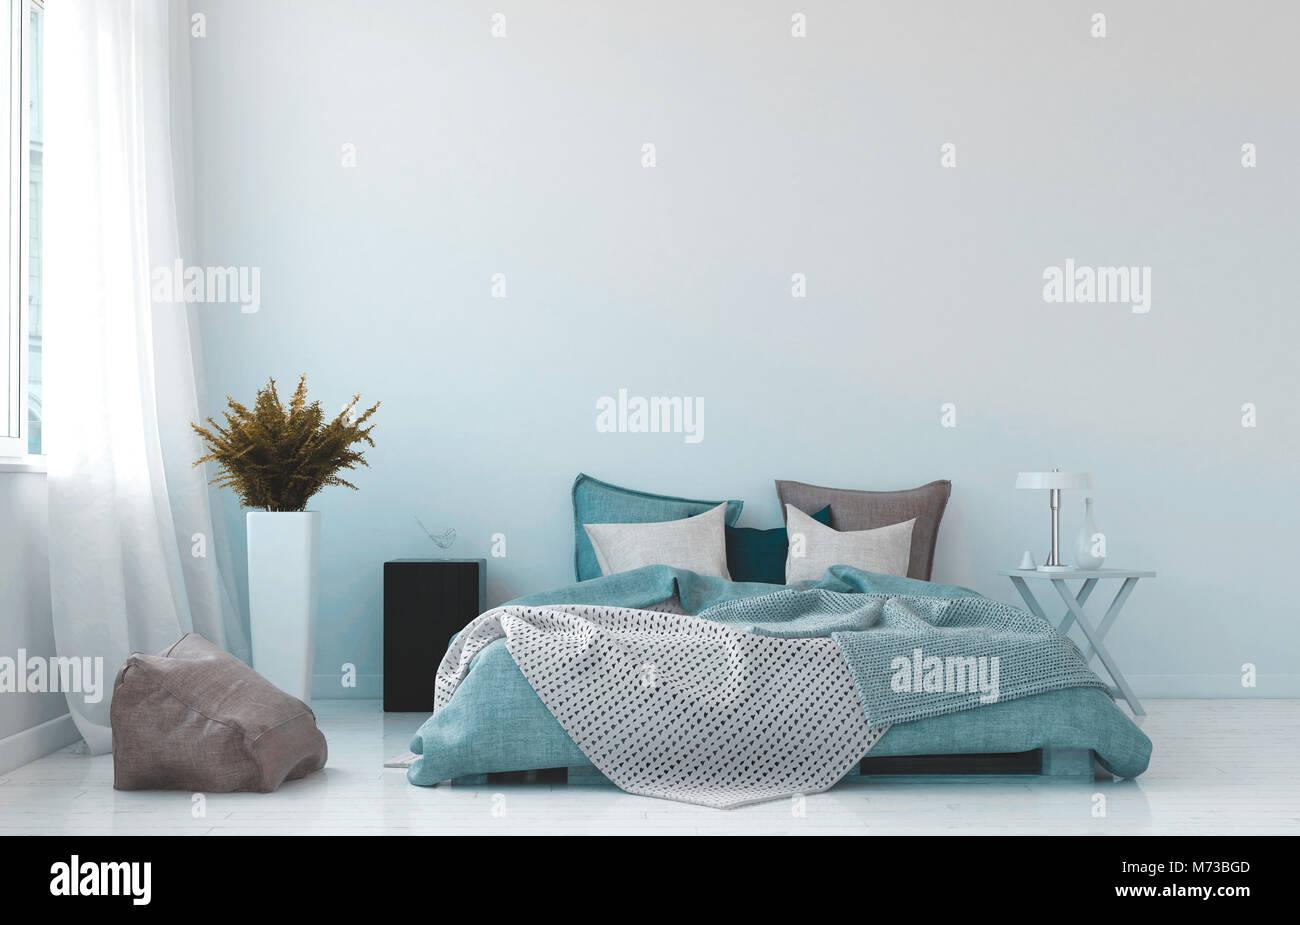 Coole, Blaue und Weiße Schlafzimmer Innenraum mit einem Rumpled ...